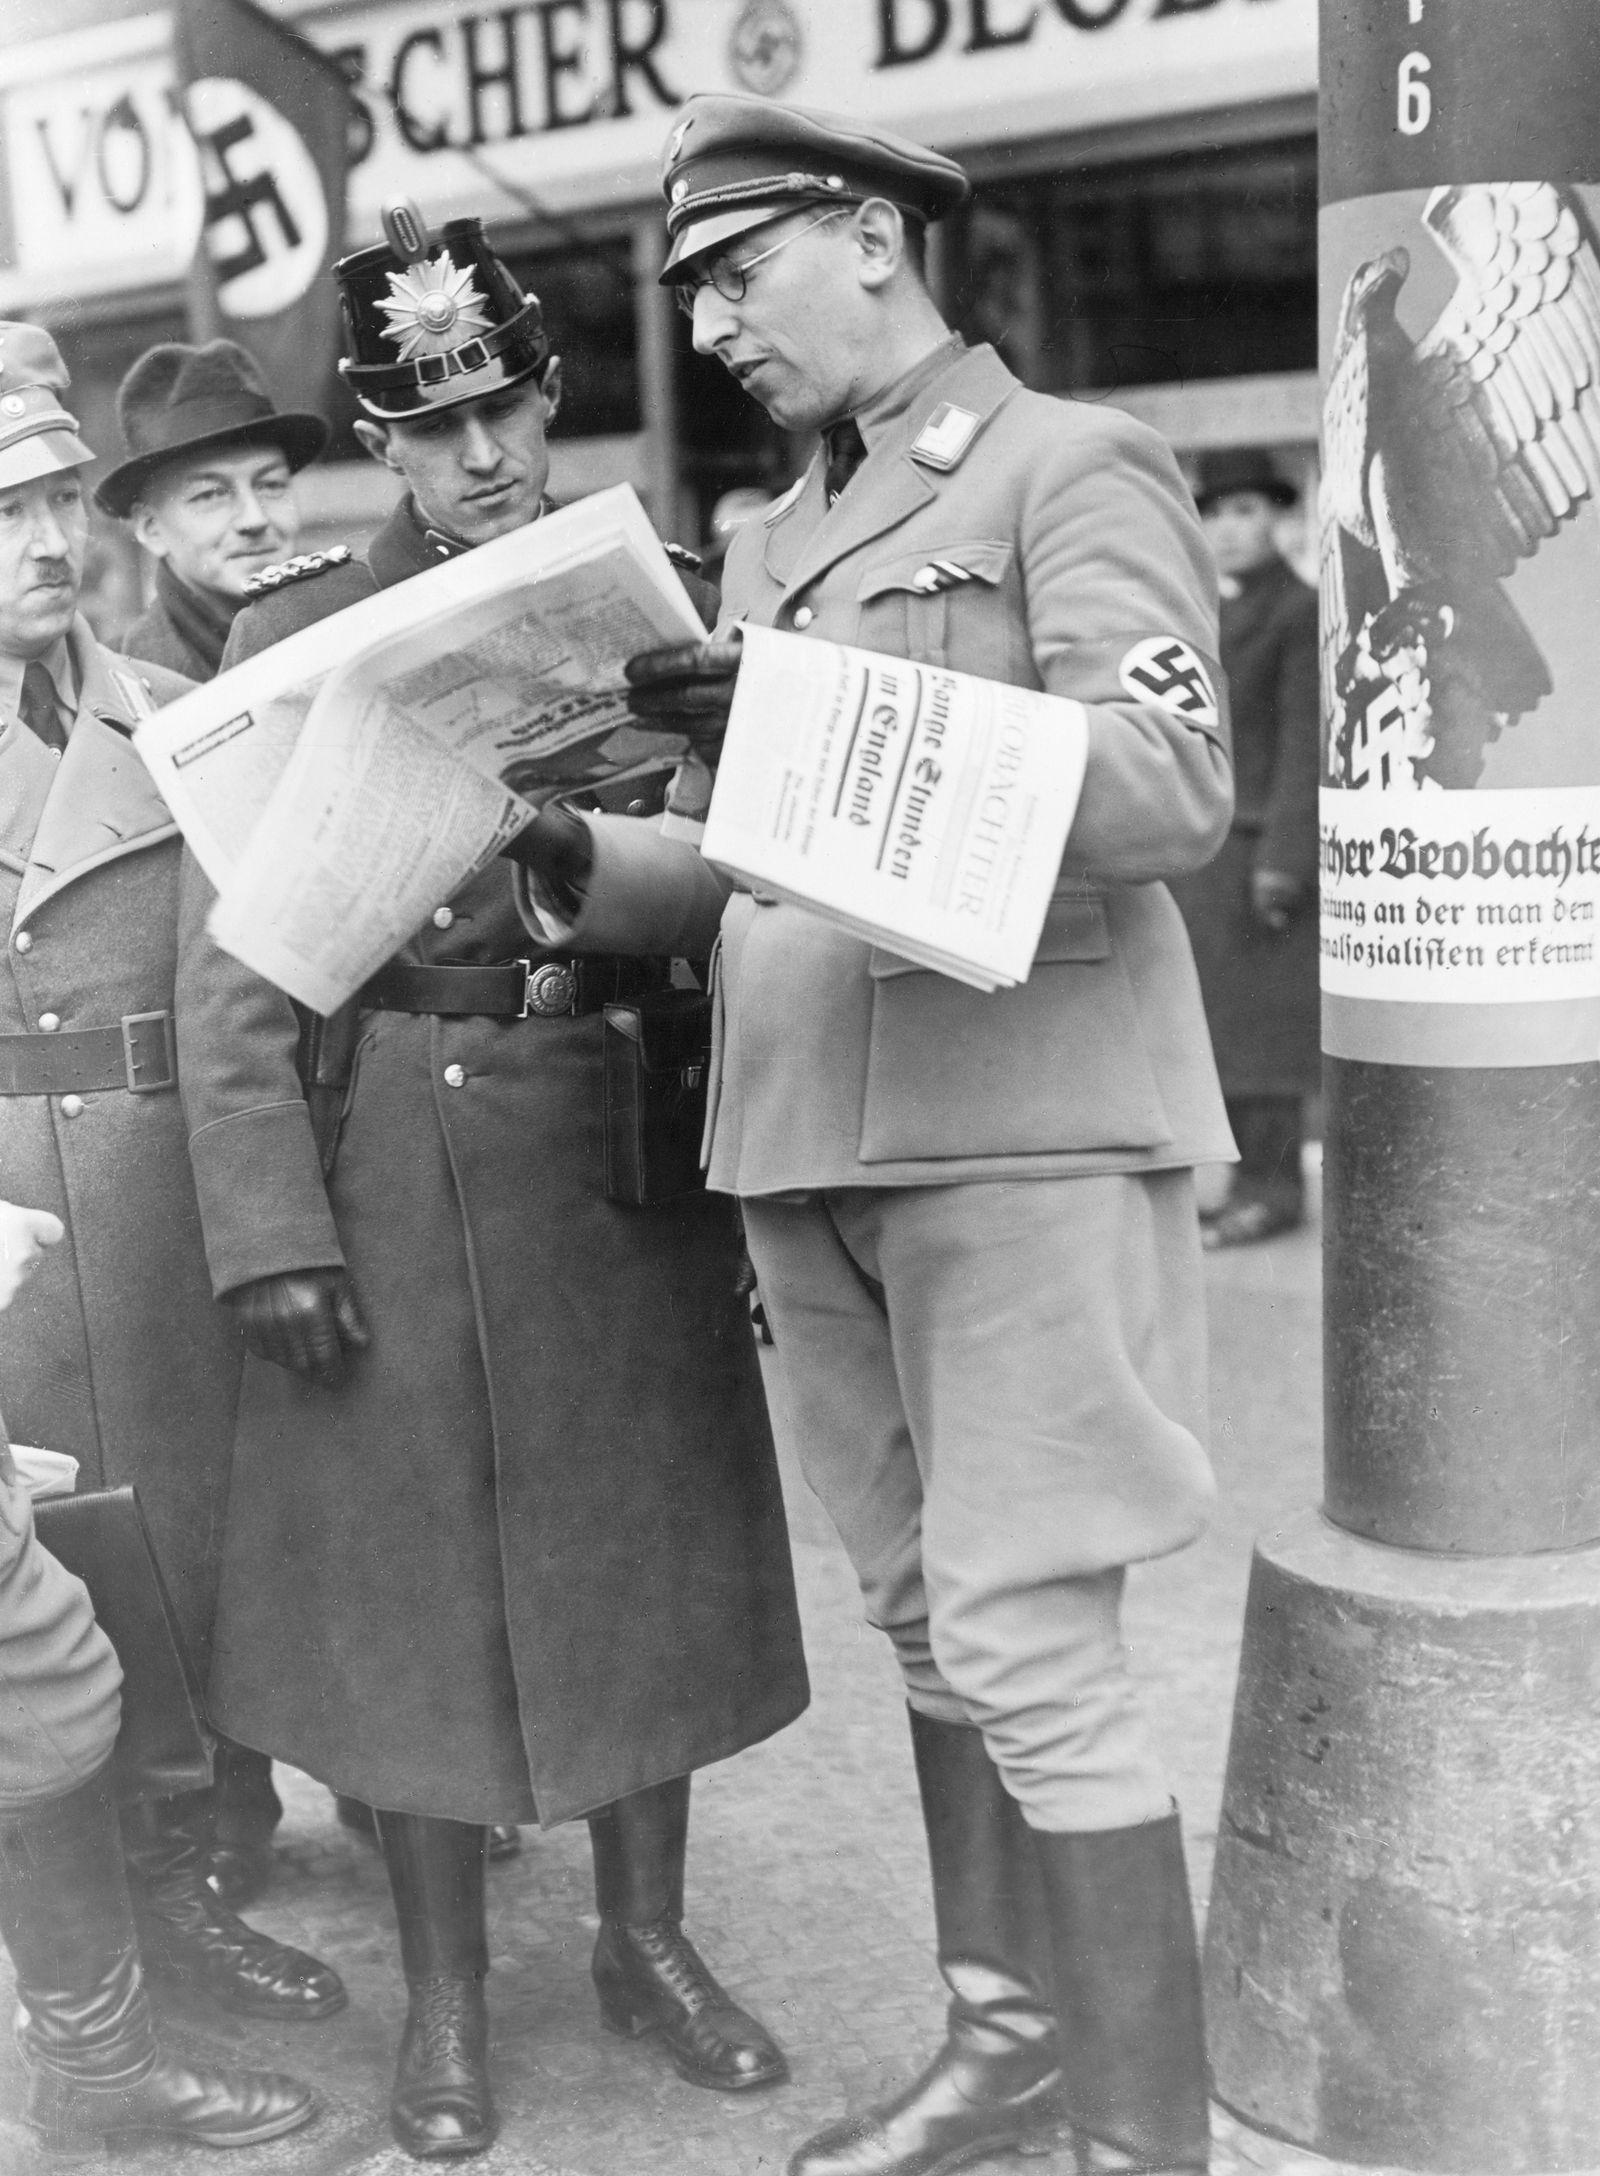 Propagandawoche für die nationalsozialistische Presse im Januar 1936.